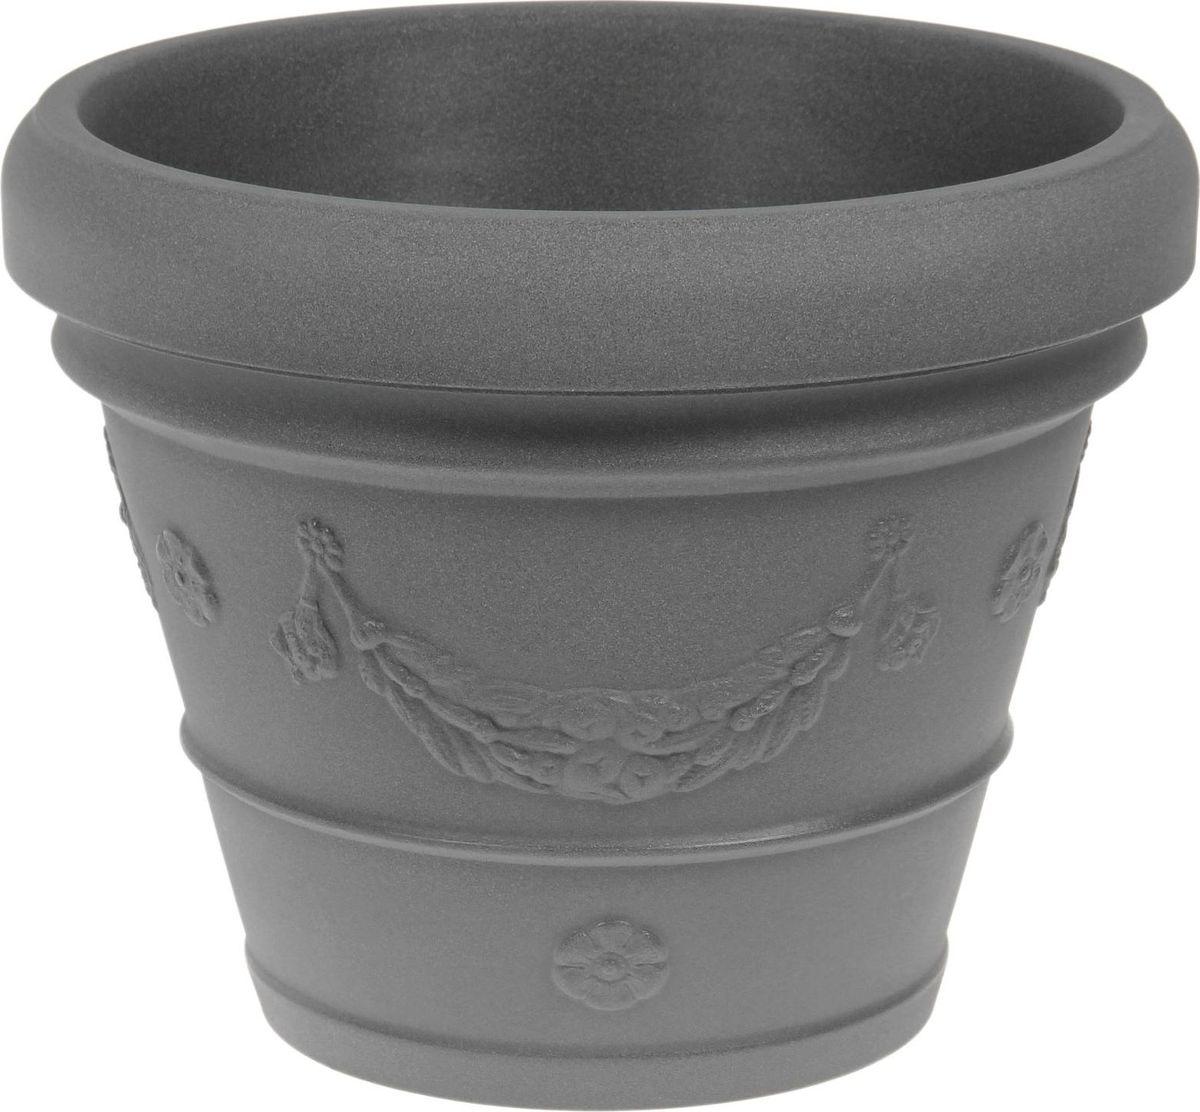 Вазон ЗАО Пластик Виола, цвет: серебристый металл, 162 л1442662 Декоративная ваза «Виола» — это классическая форма, притягивающий взгляд цвет, монументальность и величественность. Она пригодится для самых разных целей: позволит украсить гостиную или офисстанет стильным подарком на юбилей или свадьбупревратится в реликвию, которую можно будет передавать из поколения в поколениеВаза, изготовленная из качественного полимерного материала, станет заметной деталью интерьера и наполнит помещение атмосферой роскоши. Без красоты мир был бы тусклее. Наполните свою жизнь прекрасным!